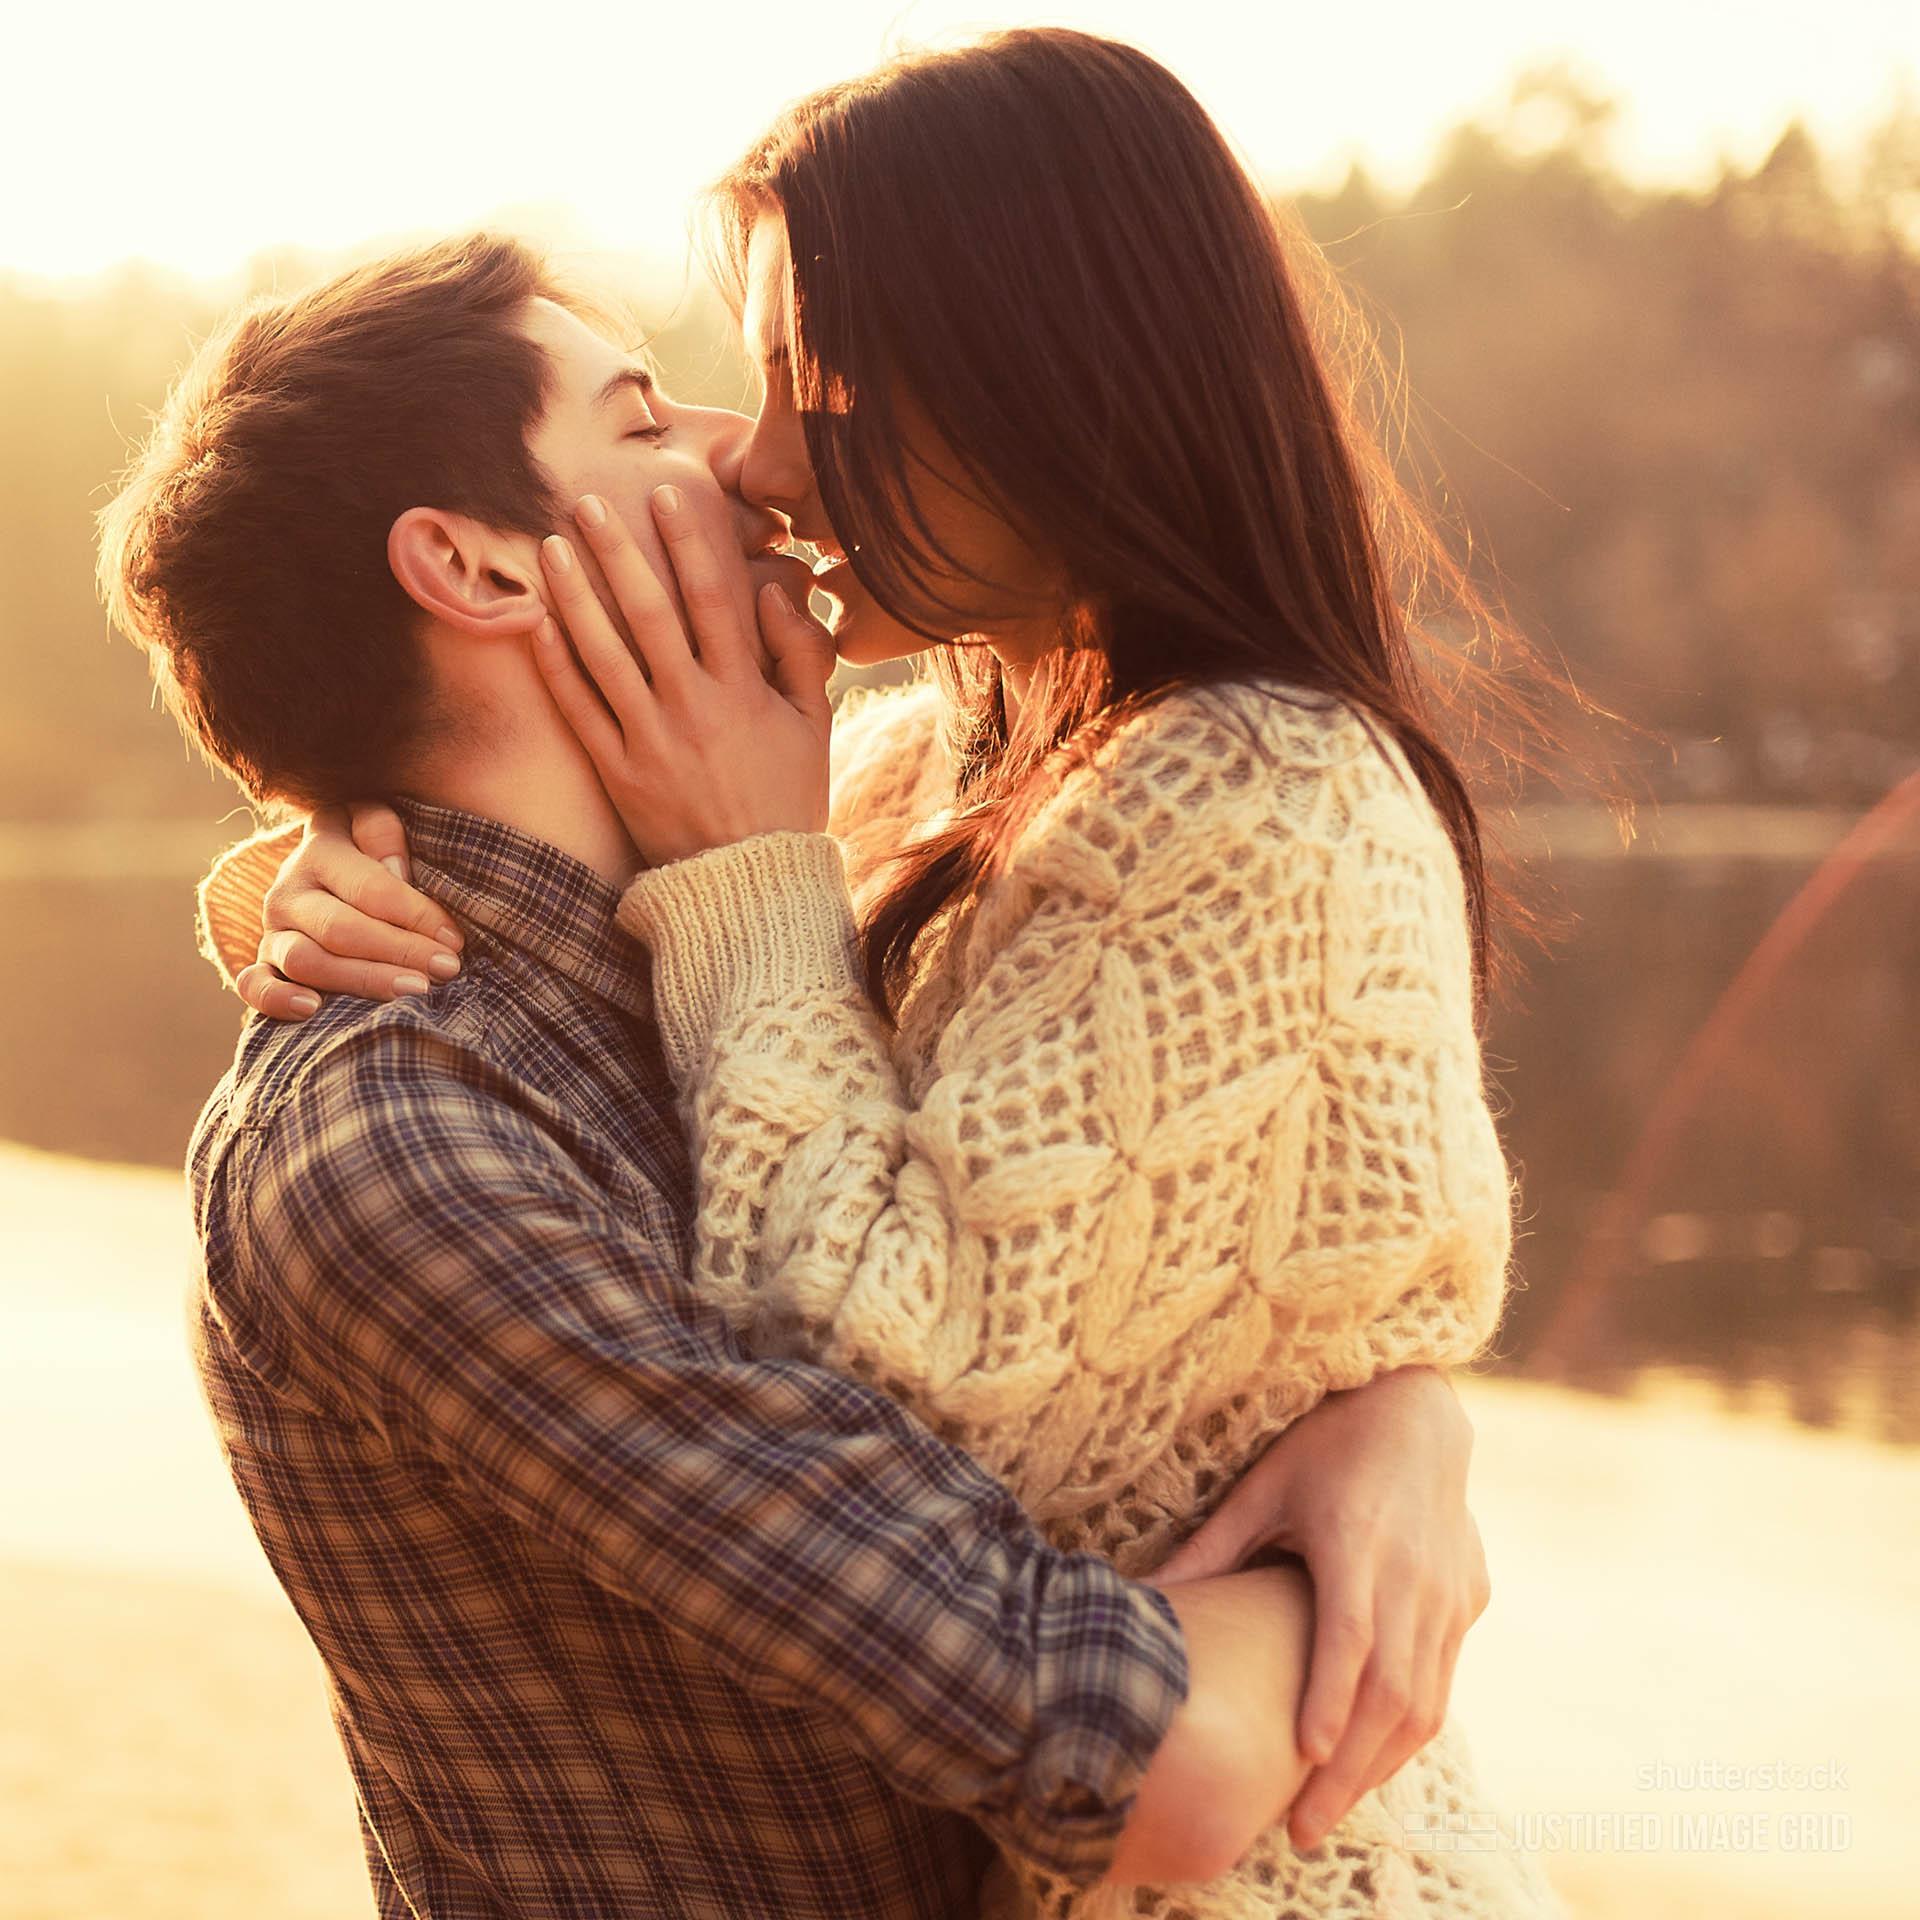 Most Romantic Bedroom Kisses how to kiss a boy smugg bugg most romantic bedroom kisses ~ cryp